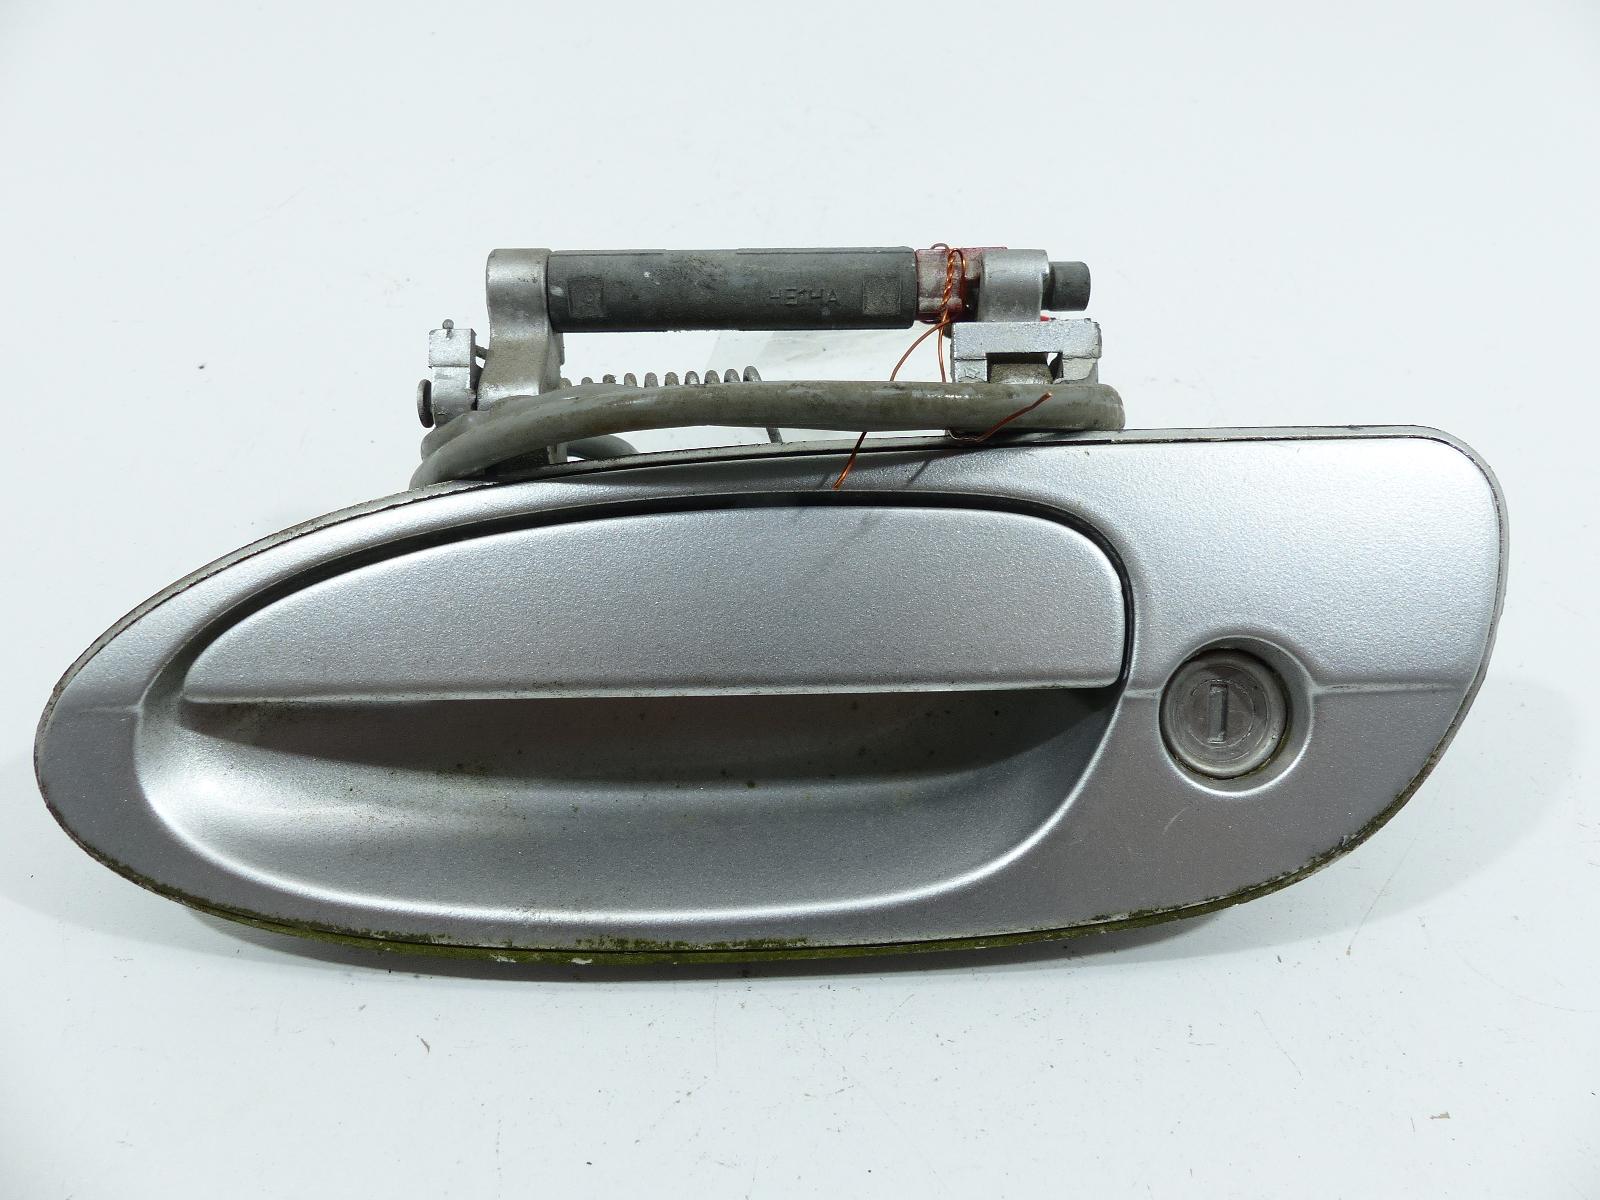 infiniti i35 02-04 ручка вперед слева диаметр